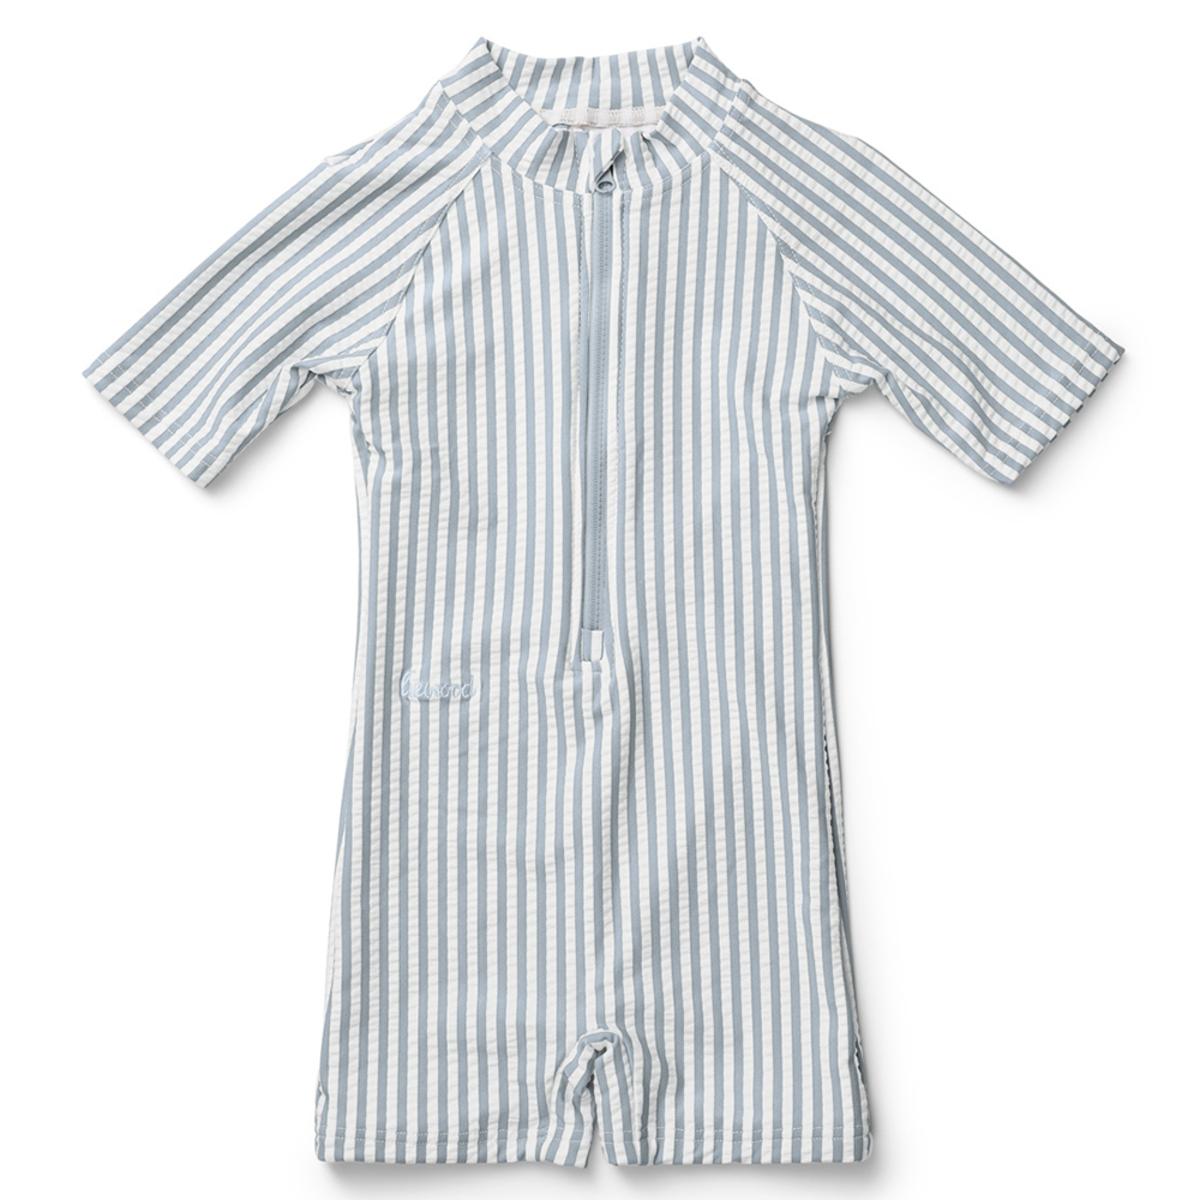 Accessoires bébé Combishort de Bain Max Rayé Bleu et Blanc - 3/9 Mois Combishort de Bain Max Rayé Bleu et Blanc - 3/9 Mois